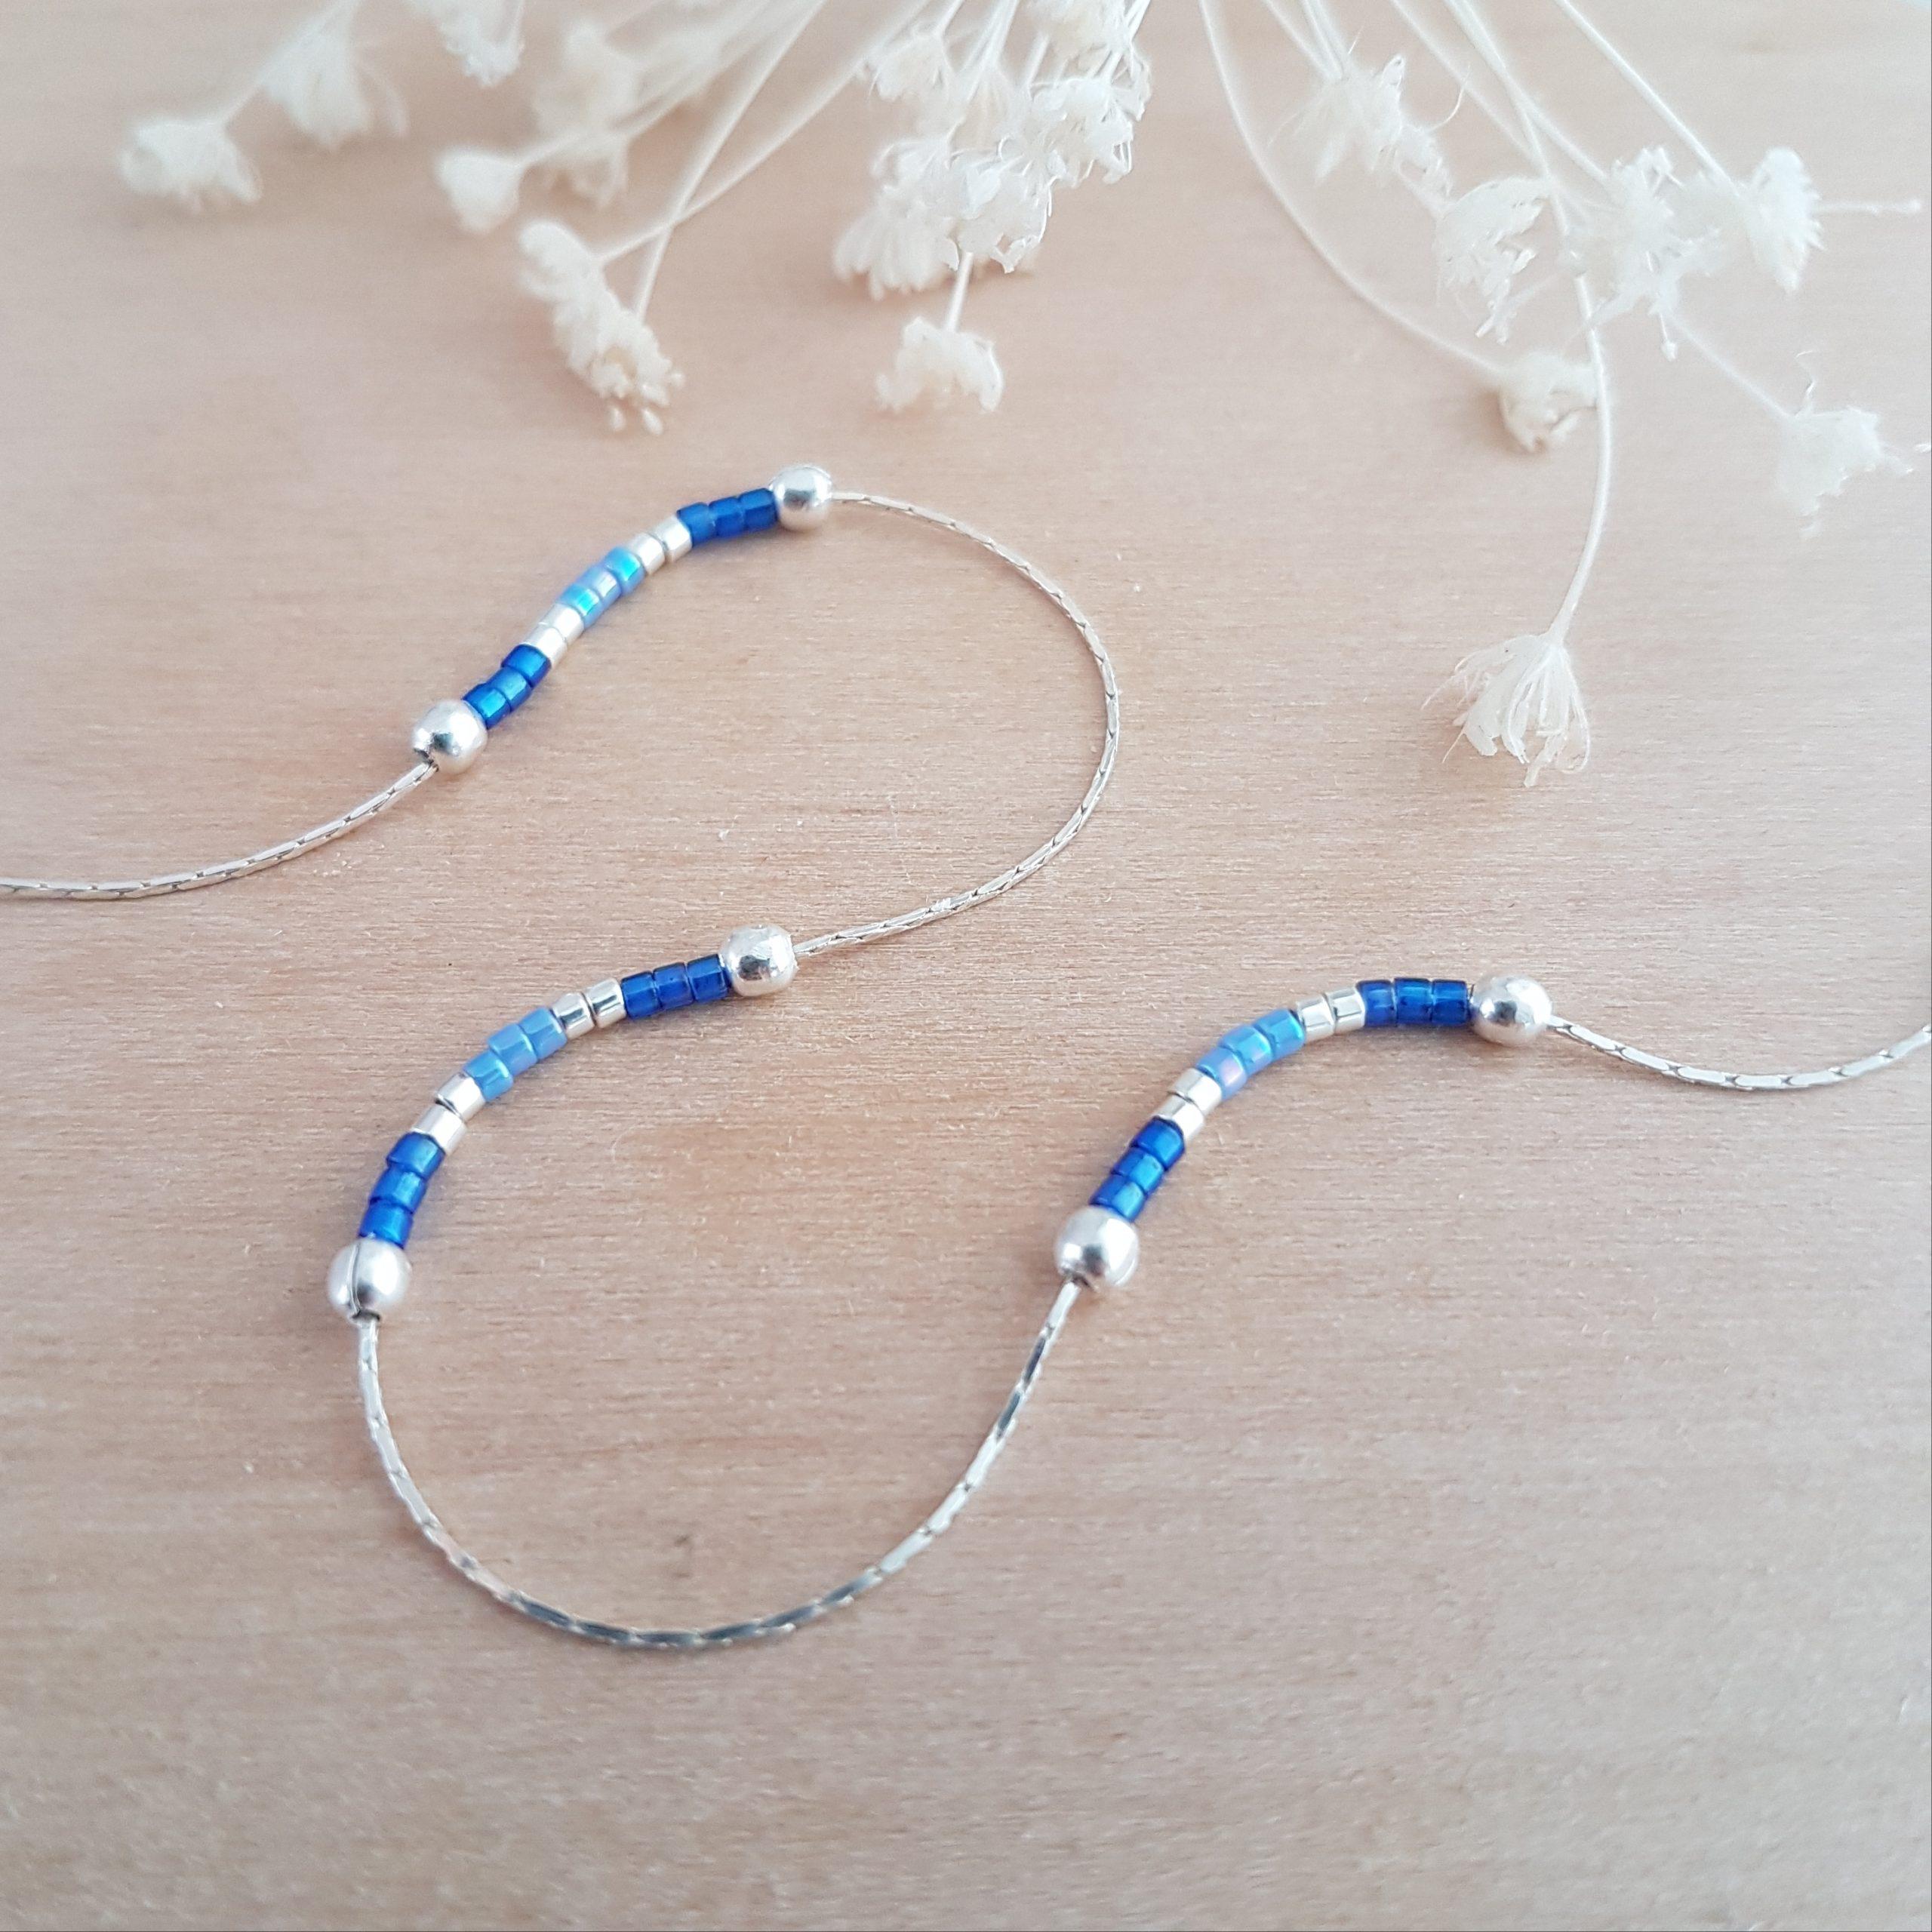 Cadeau Bijou artisanal lyon Chaîne de cheville Les petits cumulables bleu argent 925 miyuki